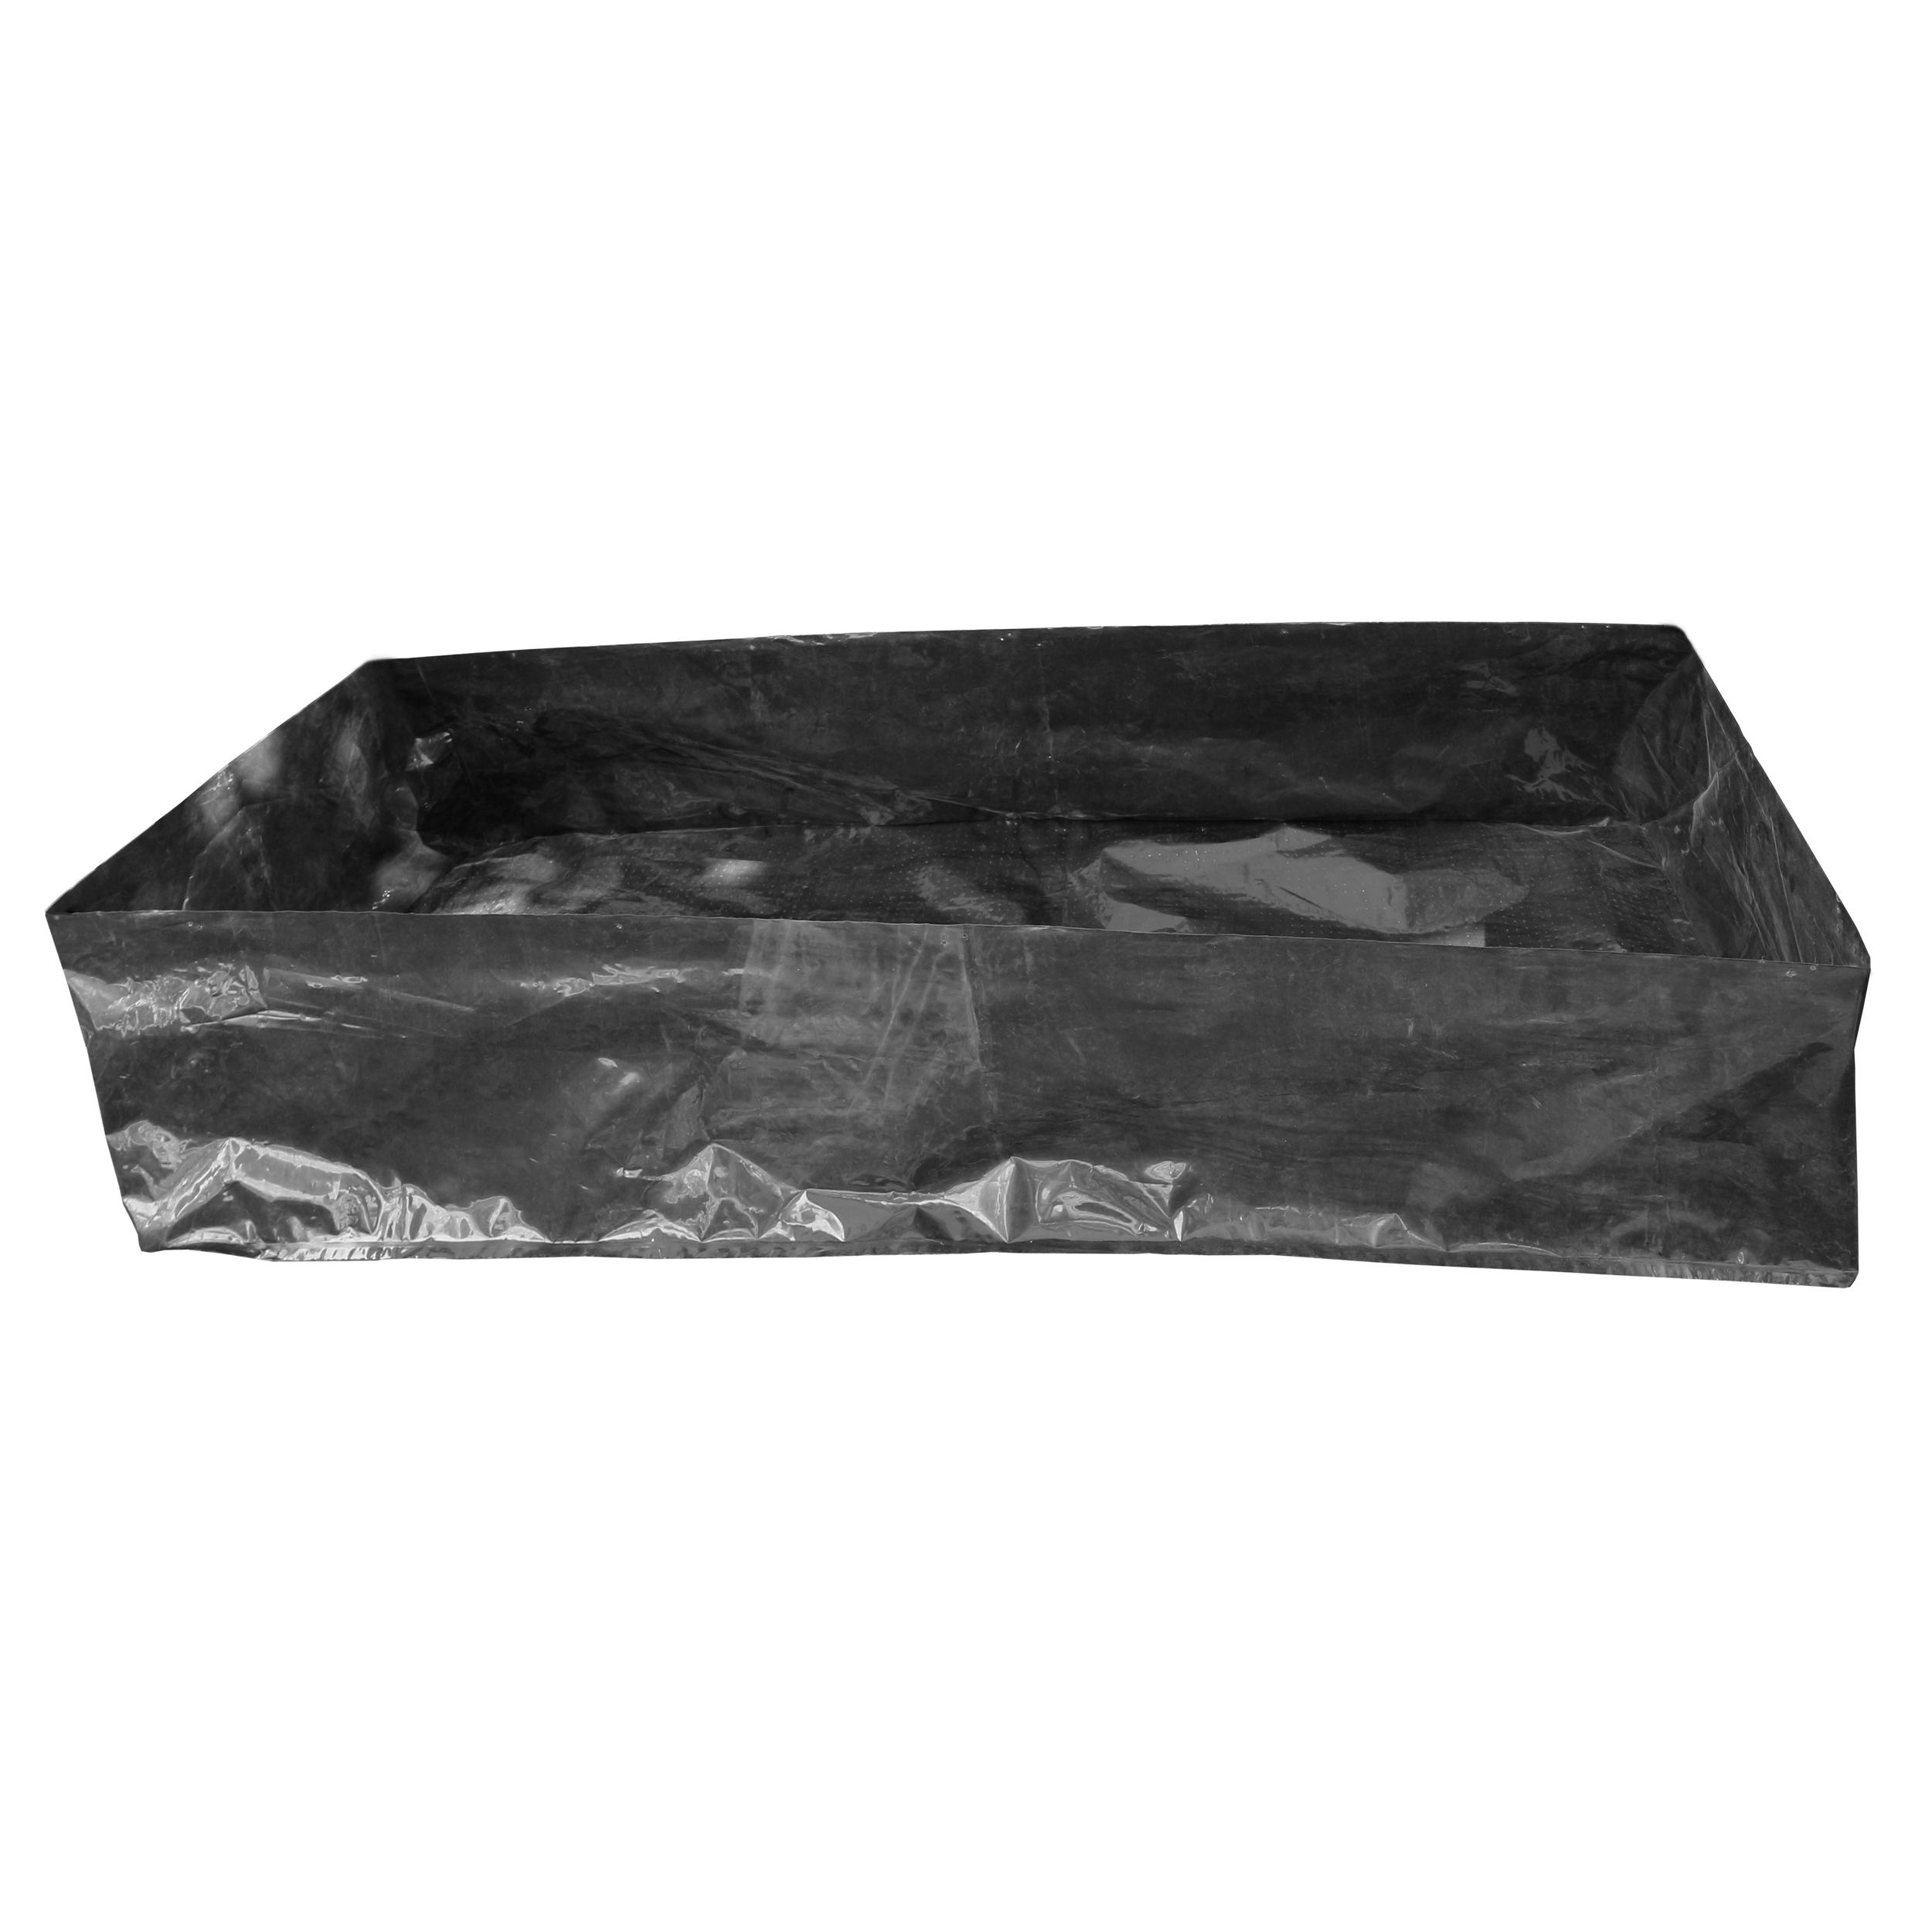 HABAU Hochbeet Klara - 1840 - Perforierte Folie, passgenau